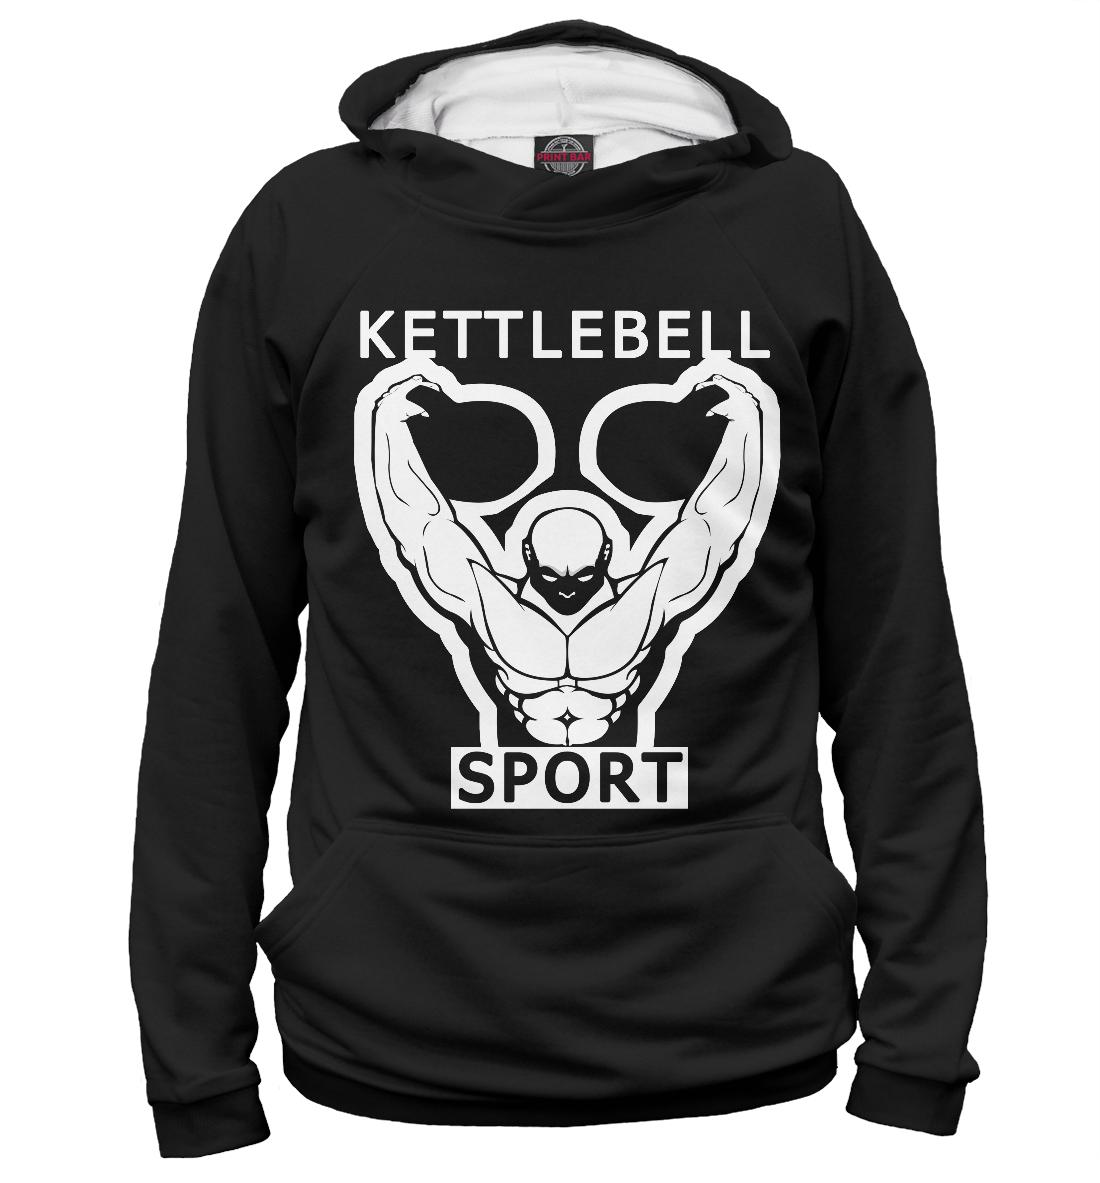 Купить Гиревой спорт/Kettlebell sport, Printbar, Худи, NOV-566995-hud-2